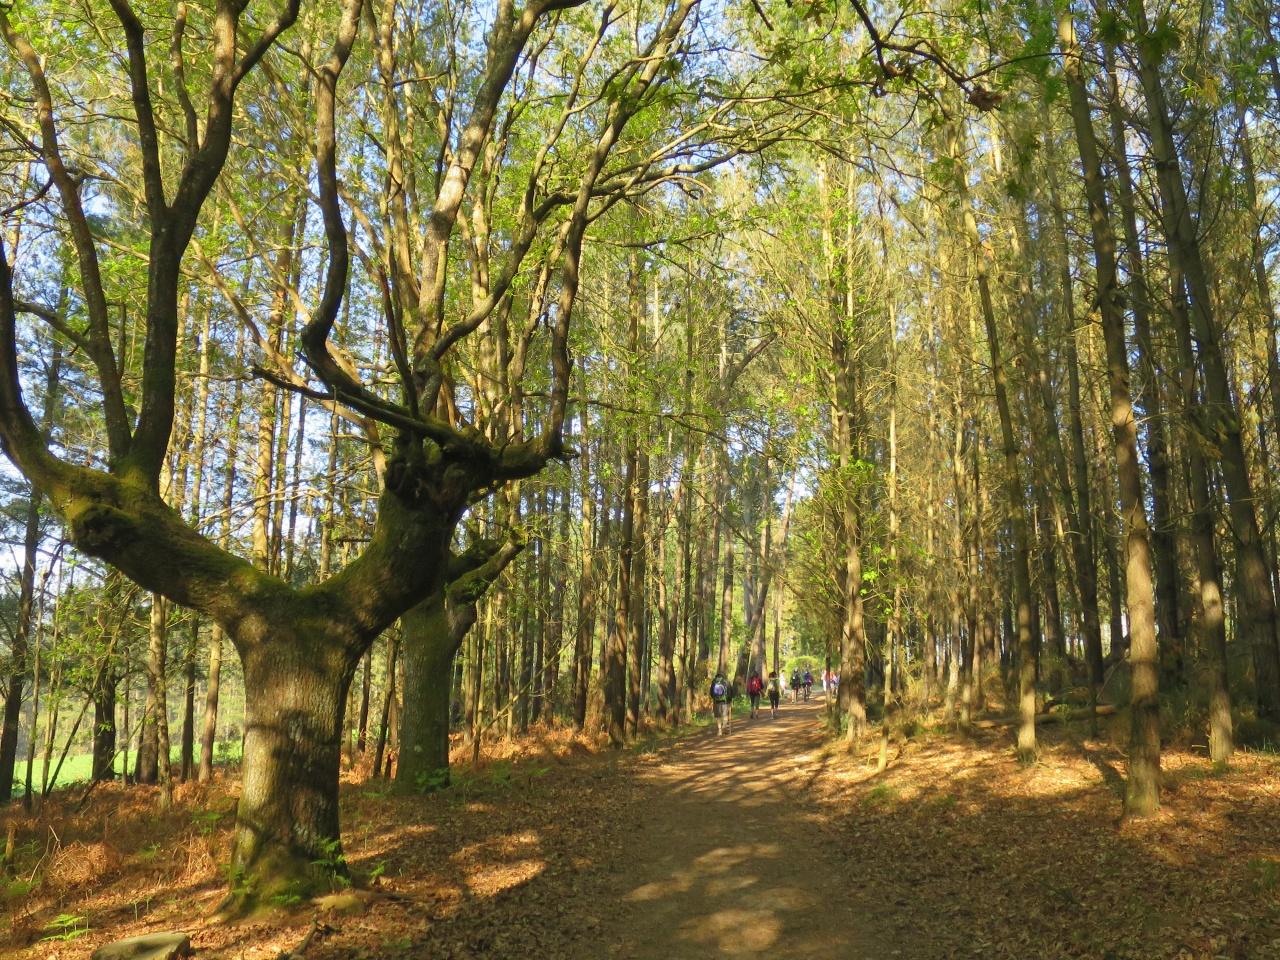 自然豊かな「フランス人の道」の巡礼路を歩く